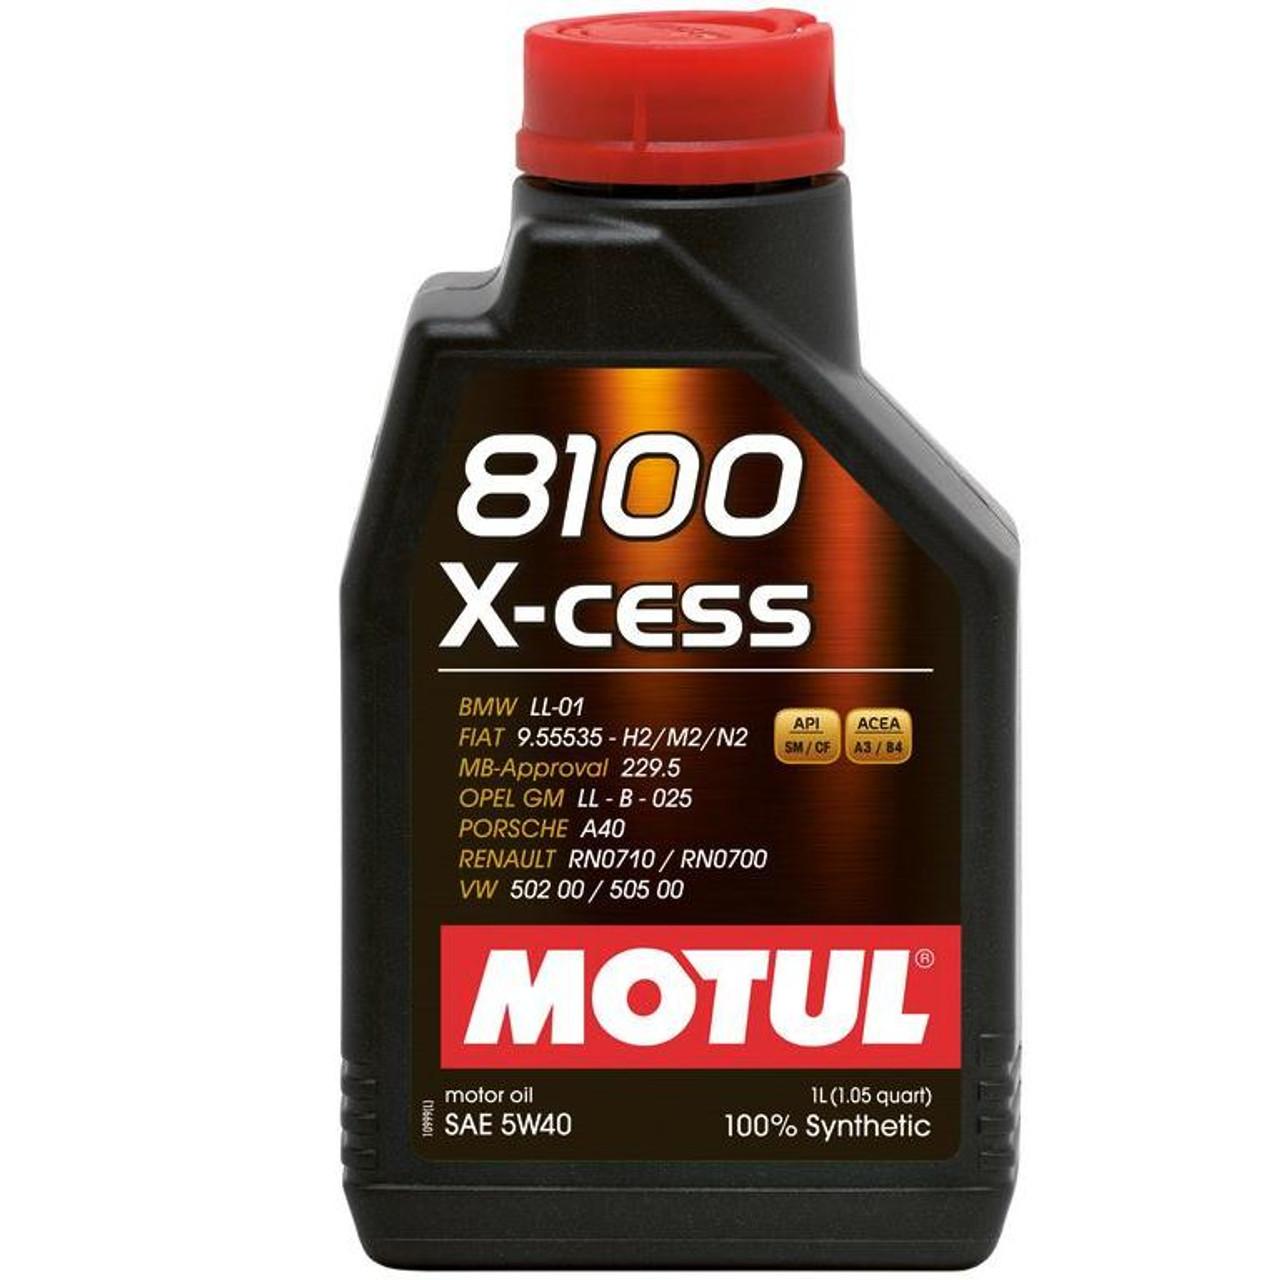 0w20 - MOTUL Motor Oil - 8100 Series Eco  Size: 1L Bottle (1.05 qt)